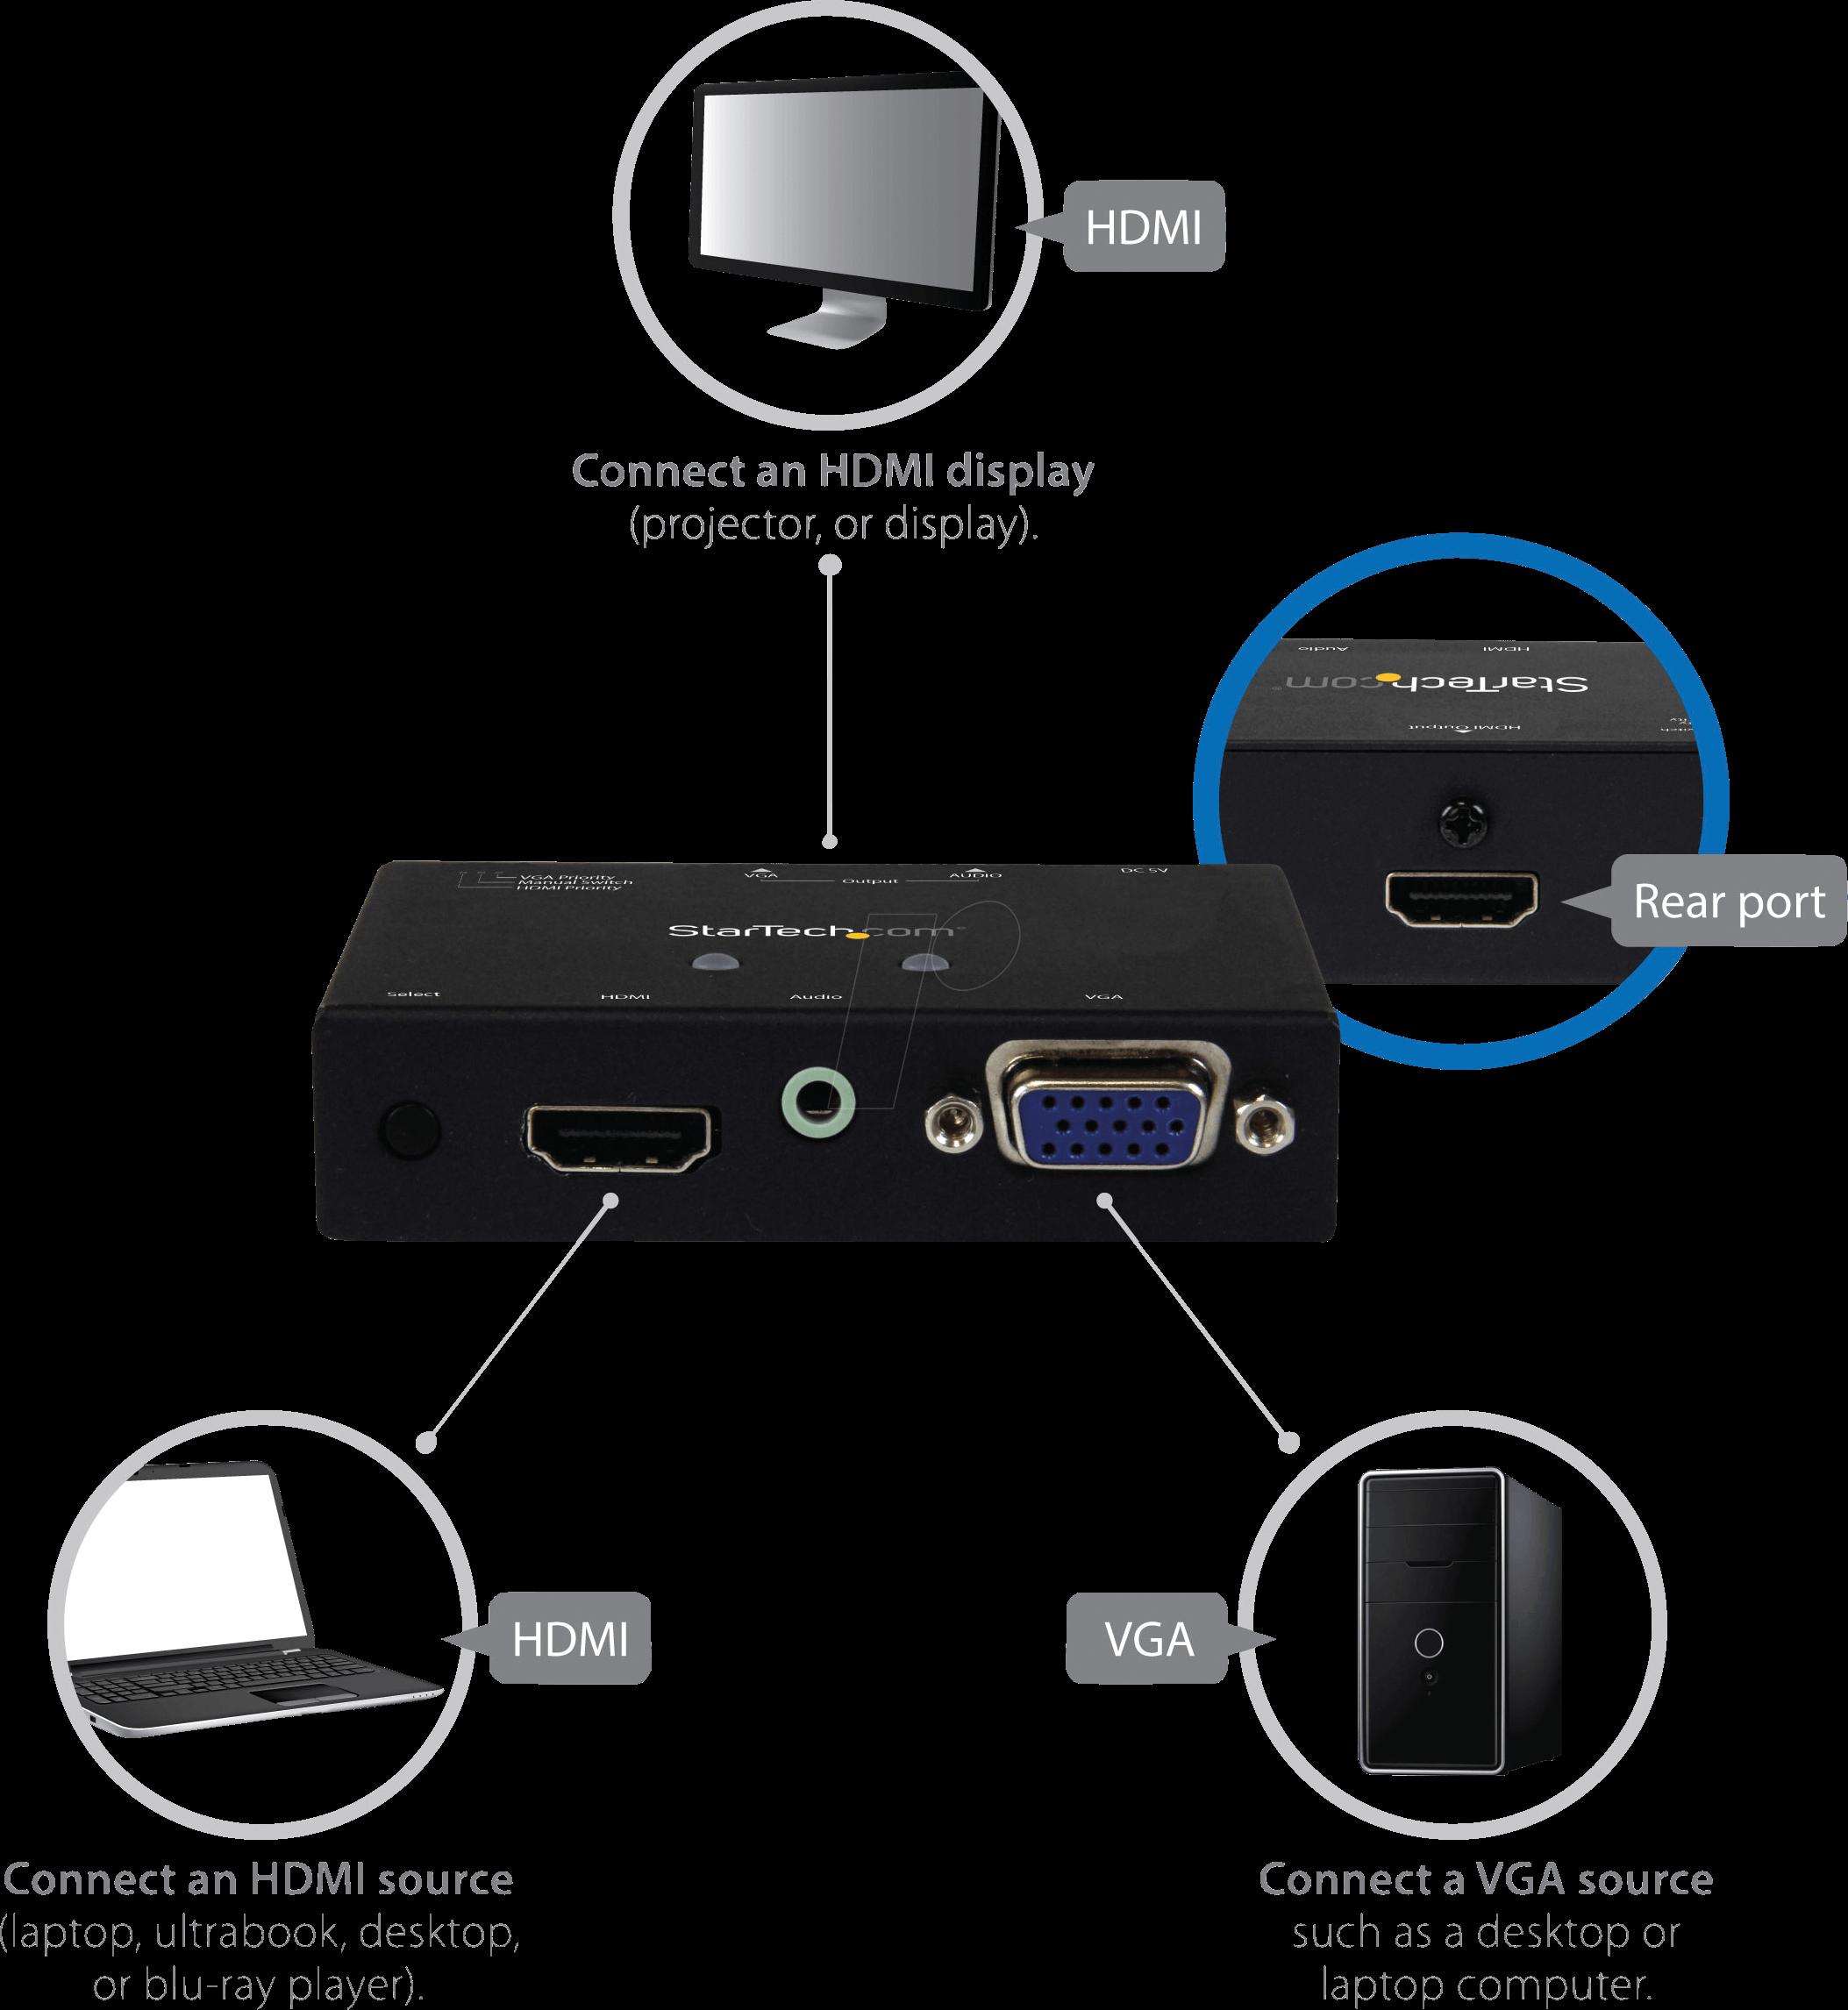 ST VS221VGA2HD - 2x1 HDMI + VGA to HDMI Converter Switch